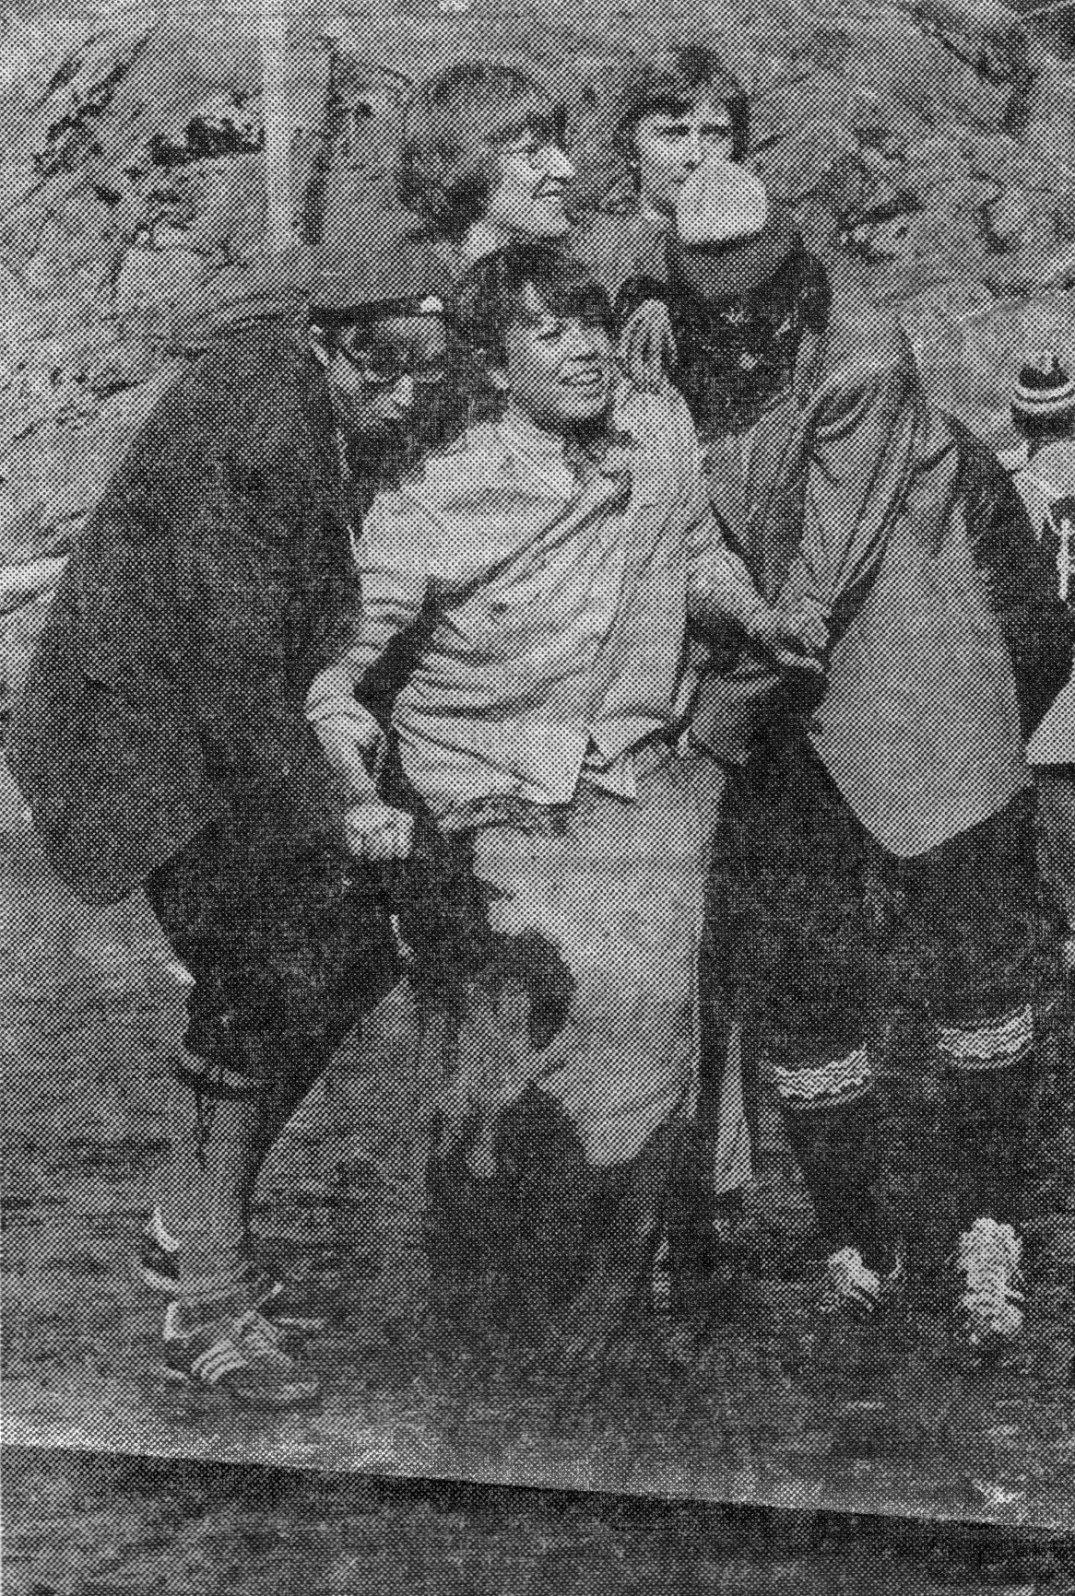 Gjørme-sekkeløp på Stemmemyren, i regi av NHH-studentenes UKEN-arrangement, våren 1980. Yours truly til venstre (faksimile fra Bergens Tidende).